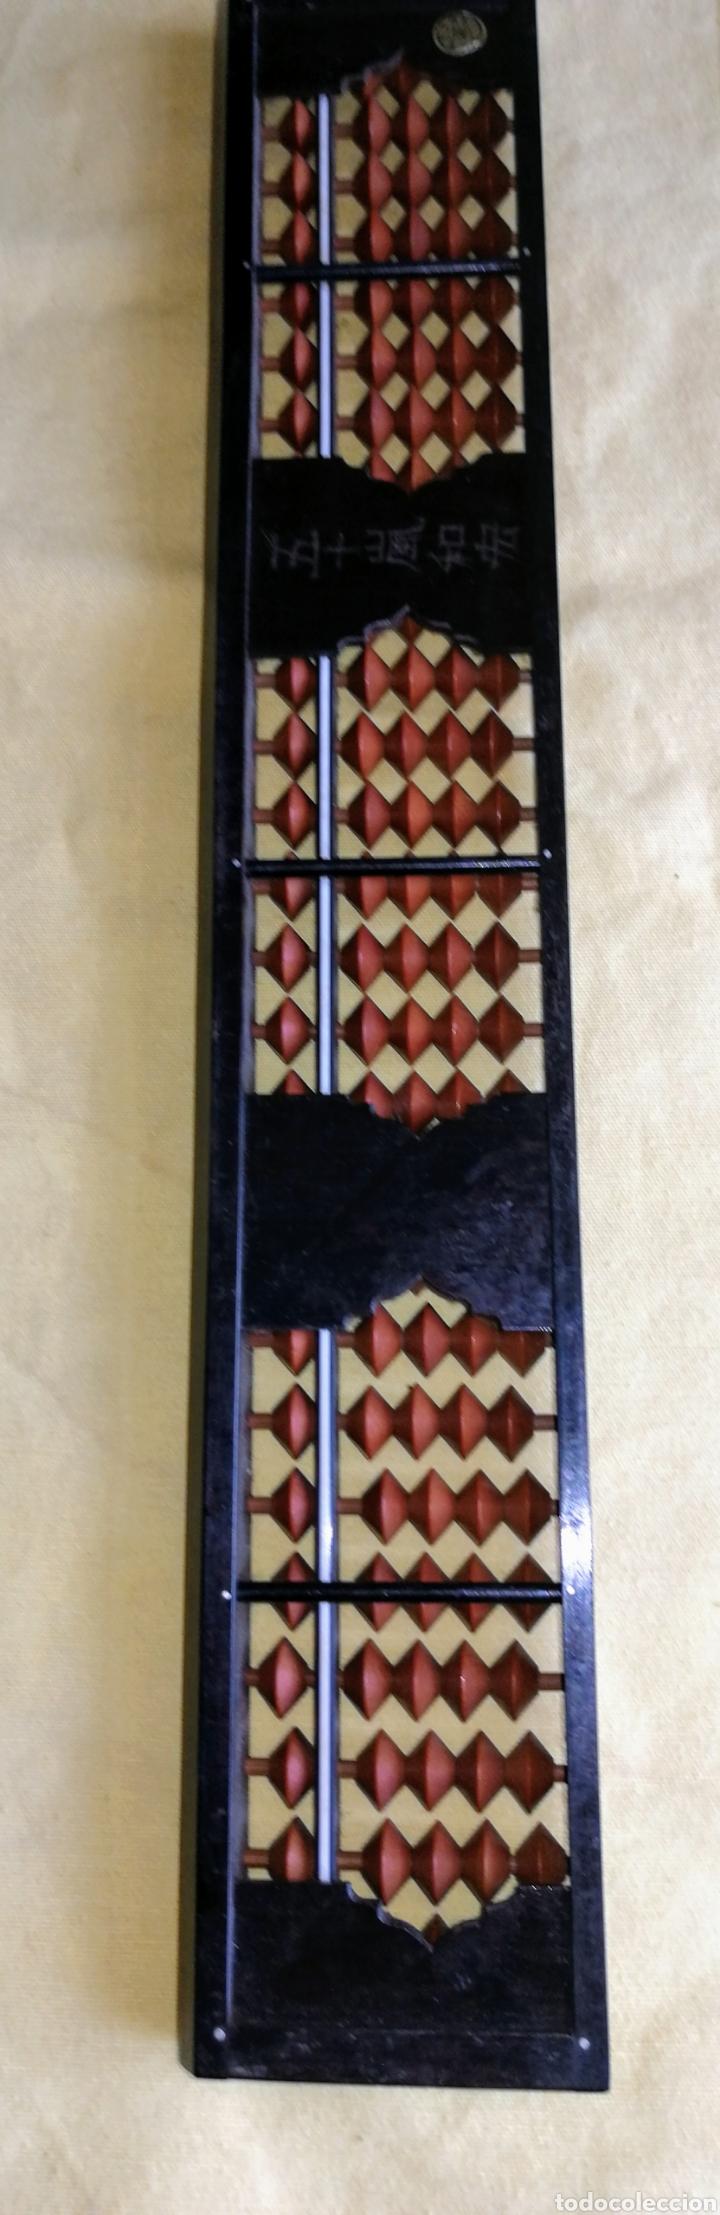 Antigüedades: ABACO JAPONES - SOROBAN - DE BAKELITA CON FIRMA. ENVIO CERTIFICADO INCLUIDO. - Foto 6 - 264352004